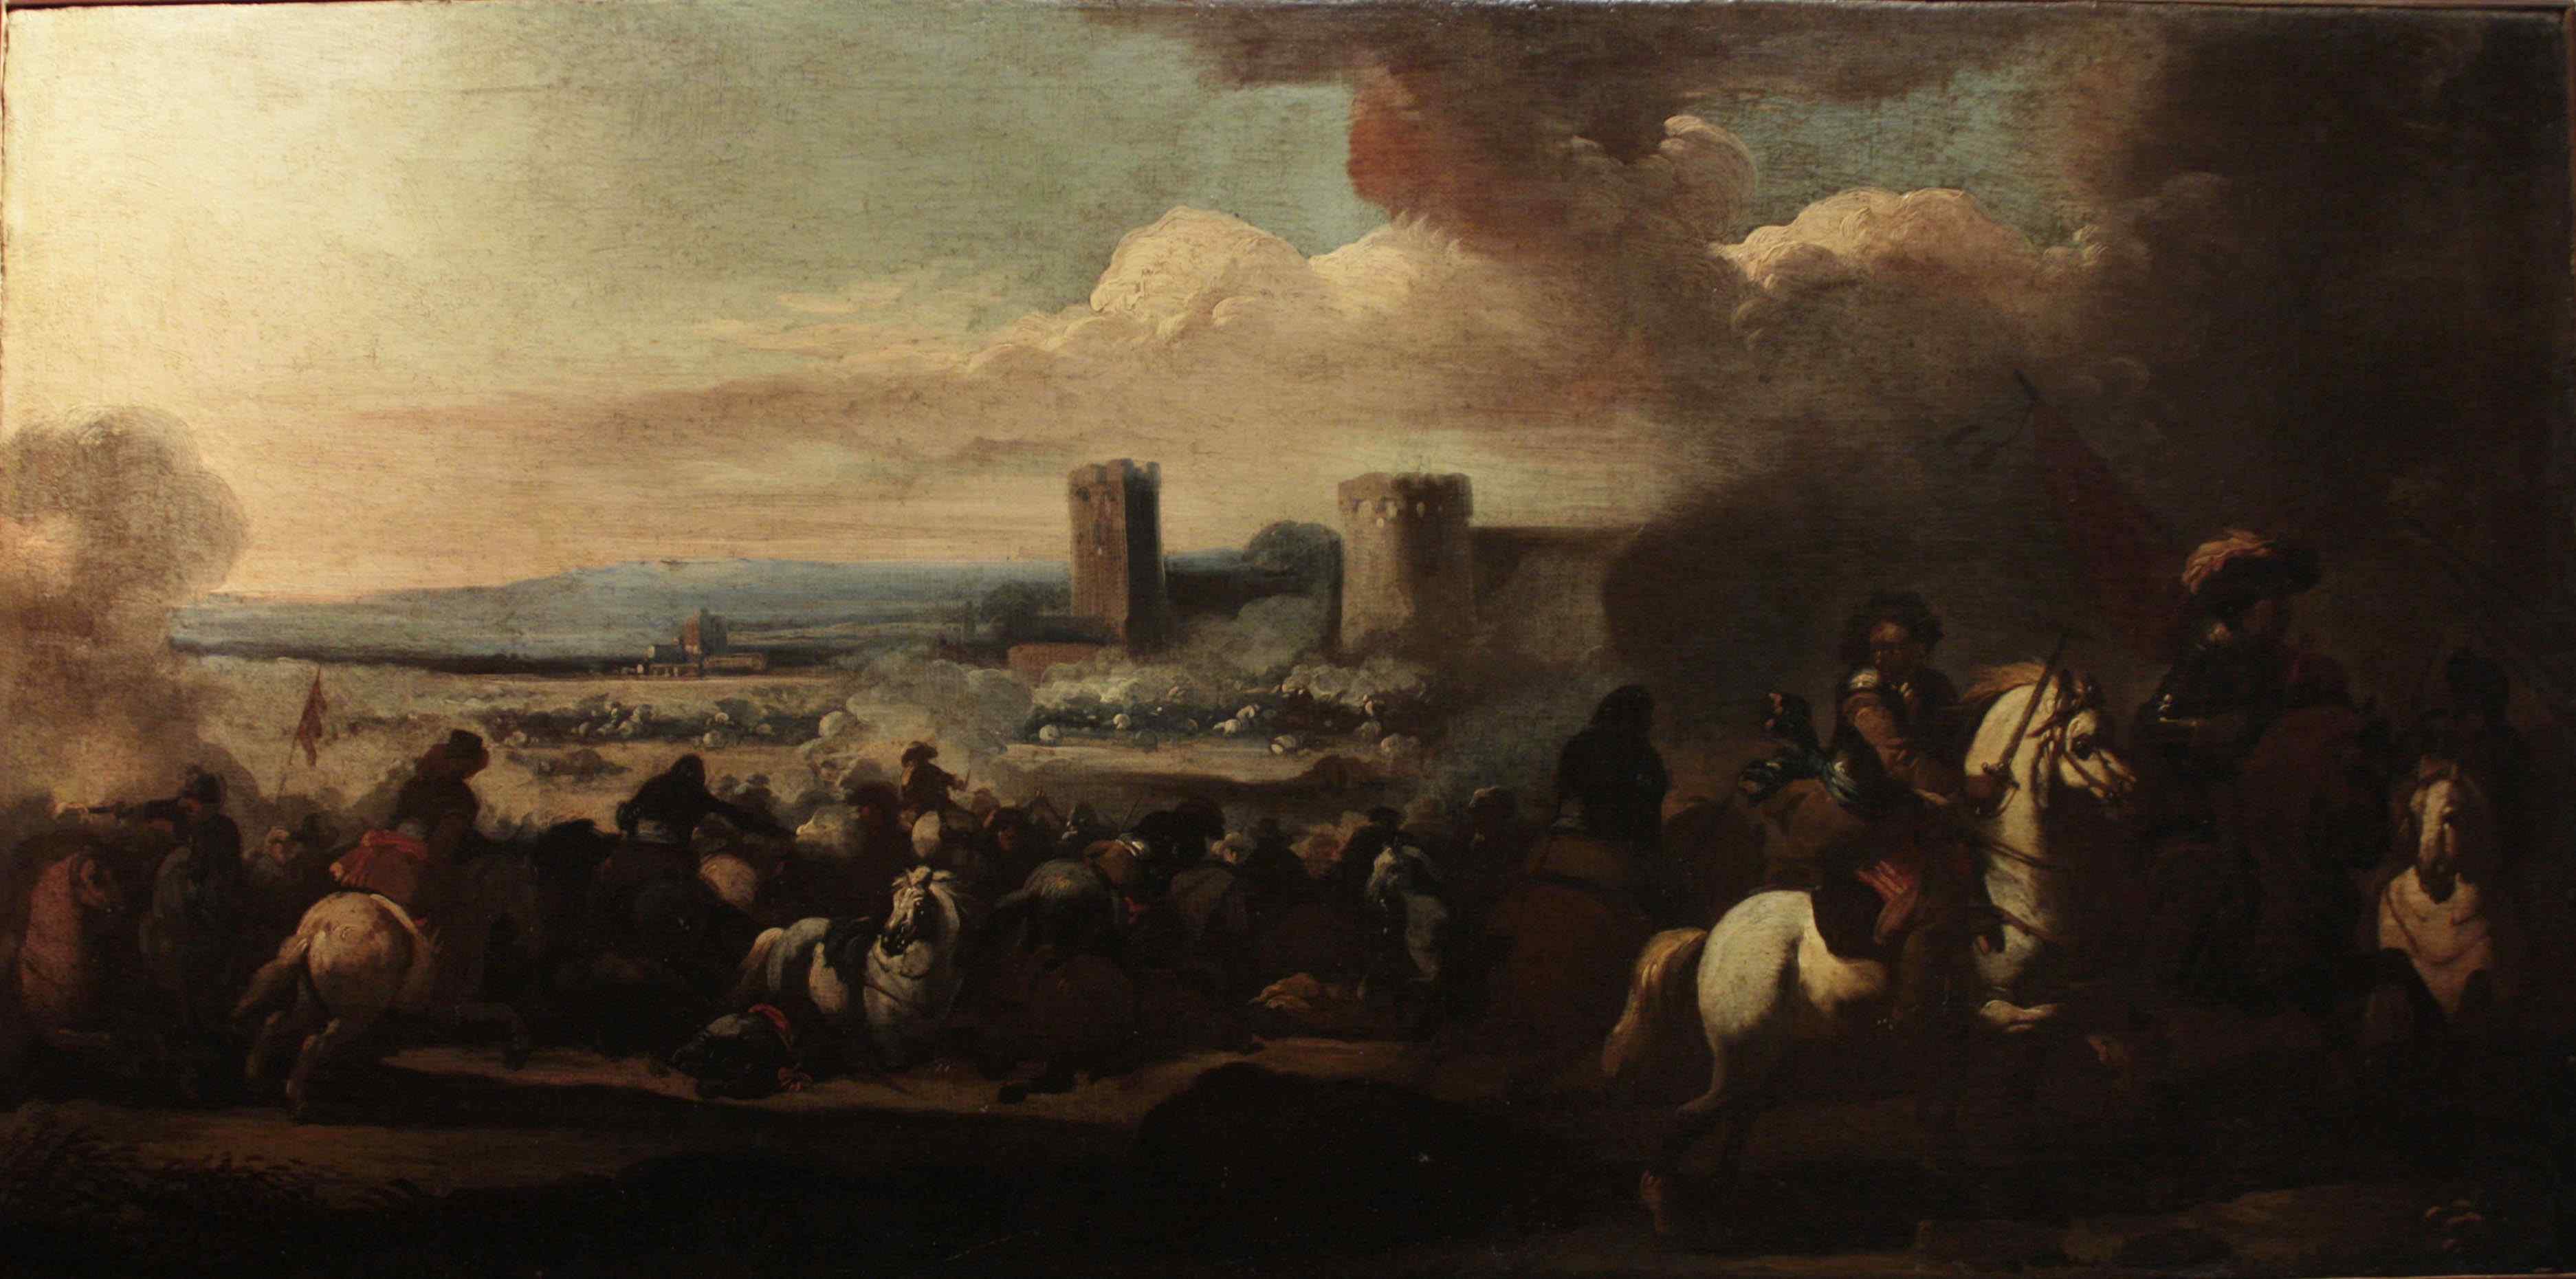 Masturzo Marzio - Battle scene around the castle